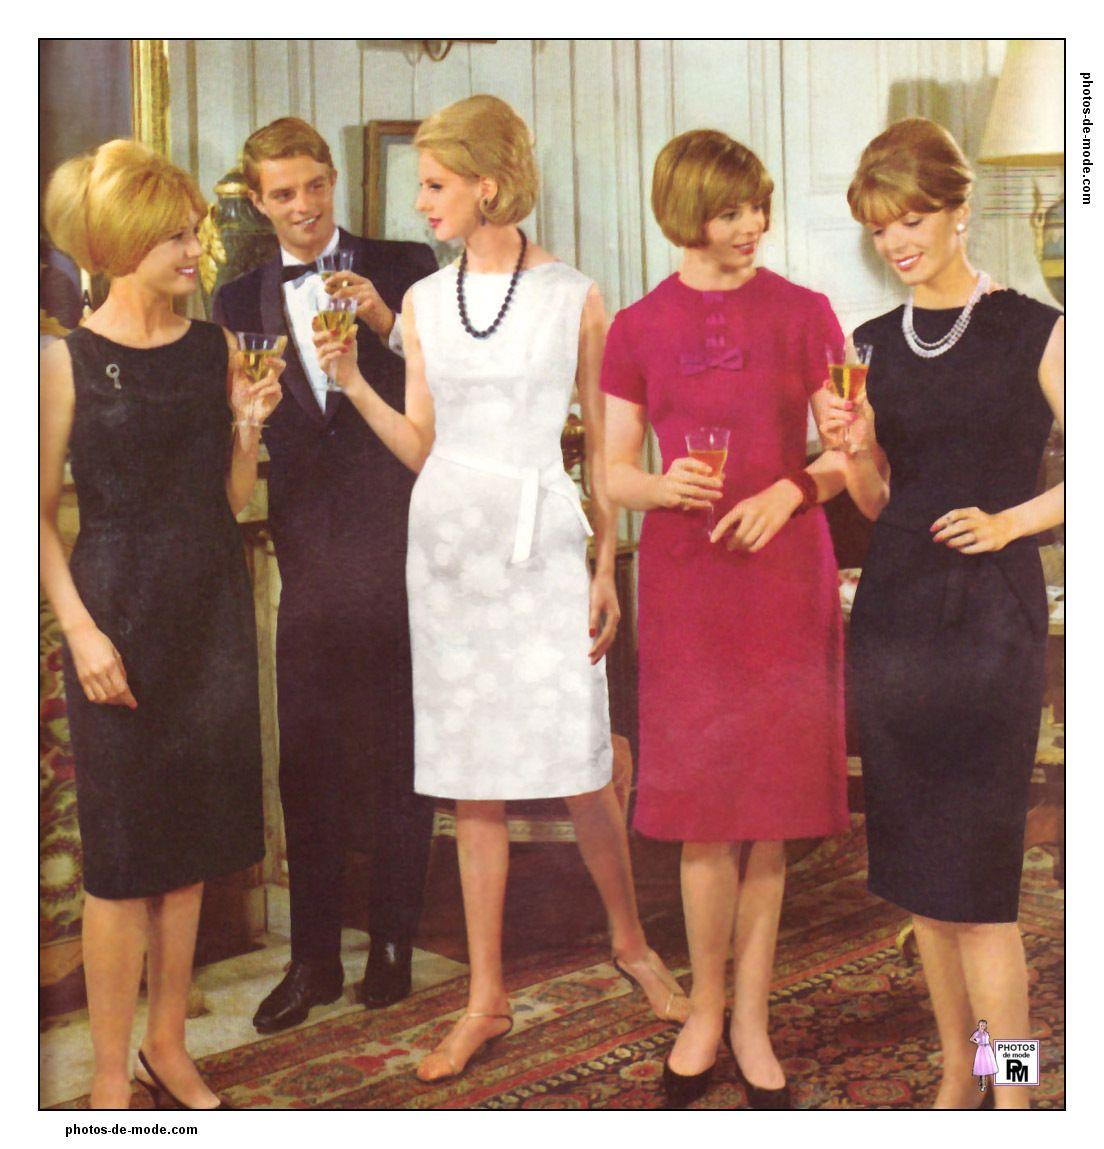 photos de mode r tro des ann es 1950 1960 et 1970 femmes. Black Bedroom Furniture Sets. Home Design Ideas